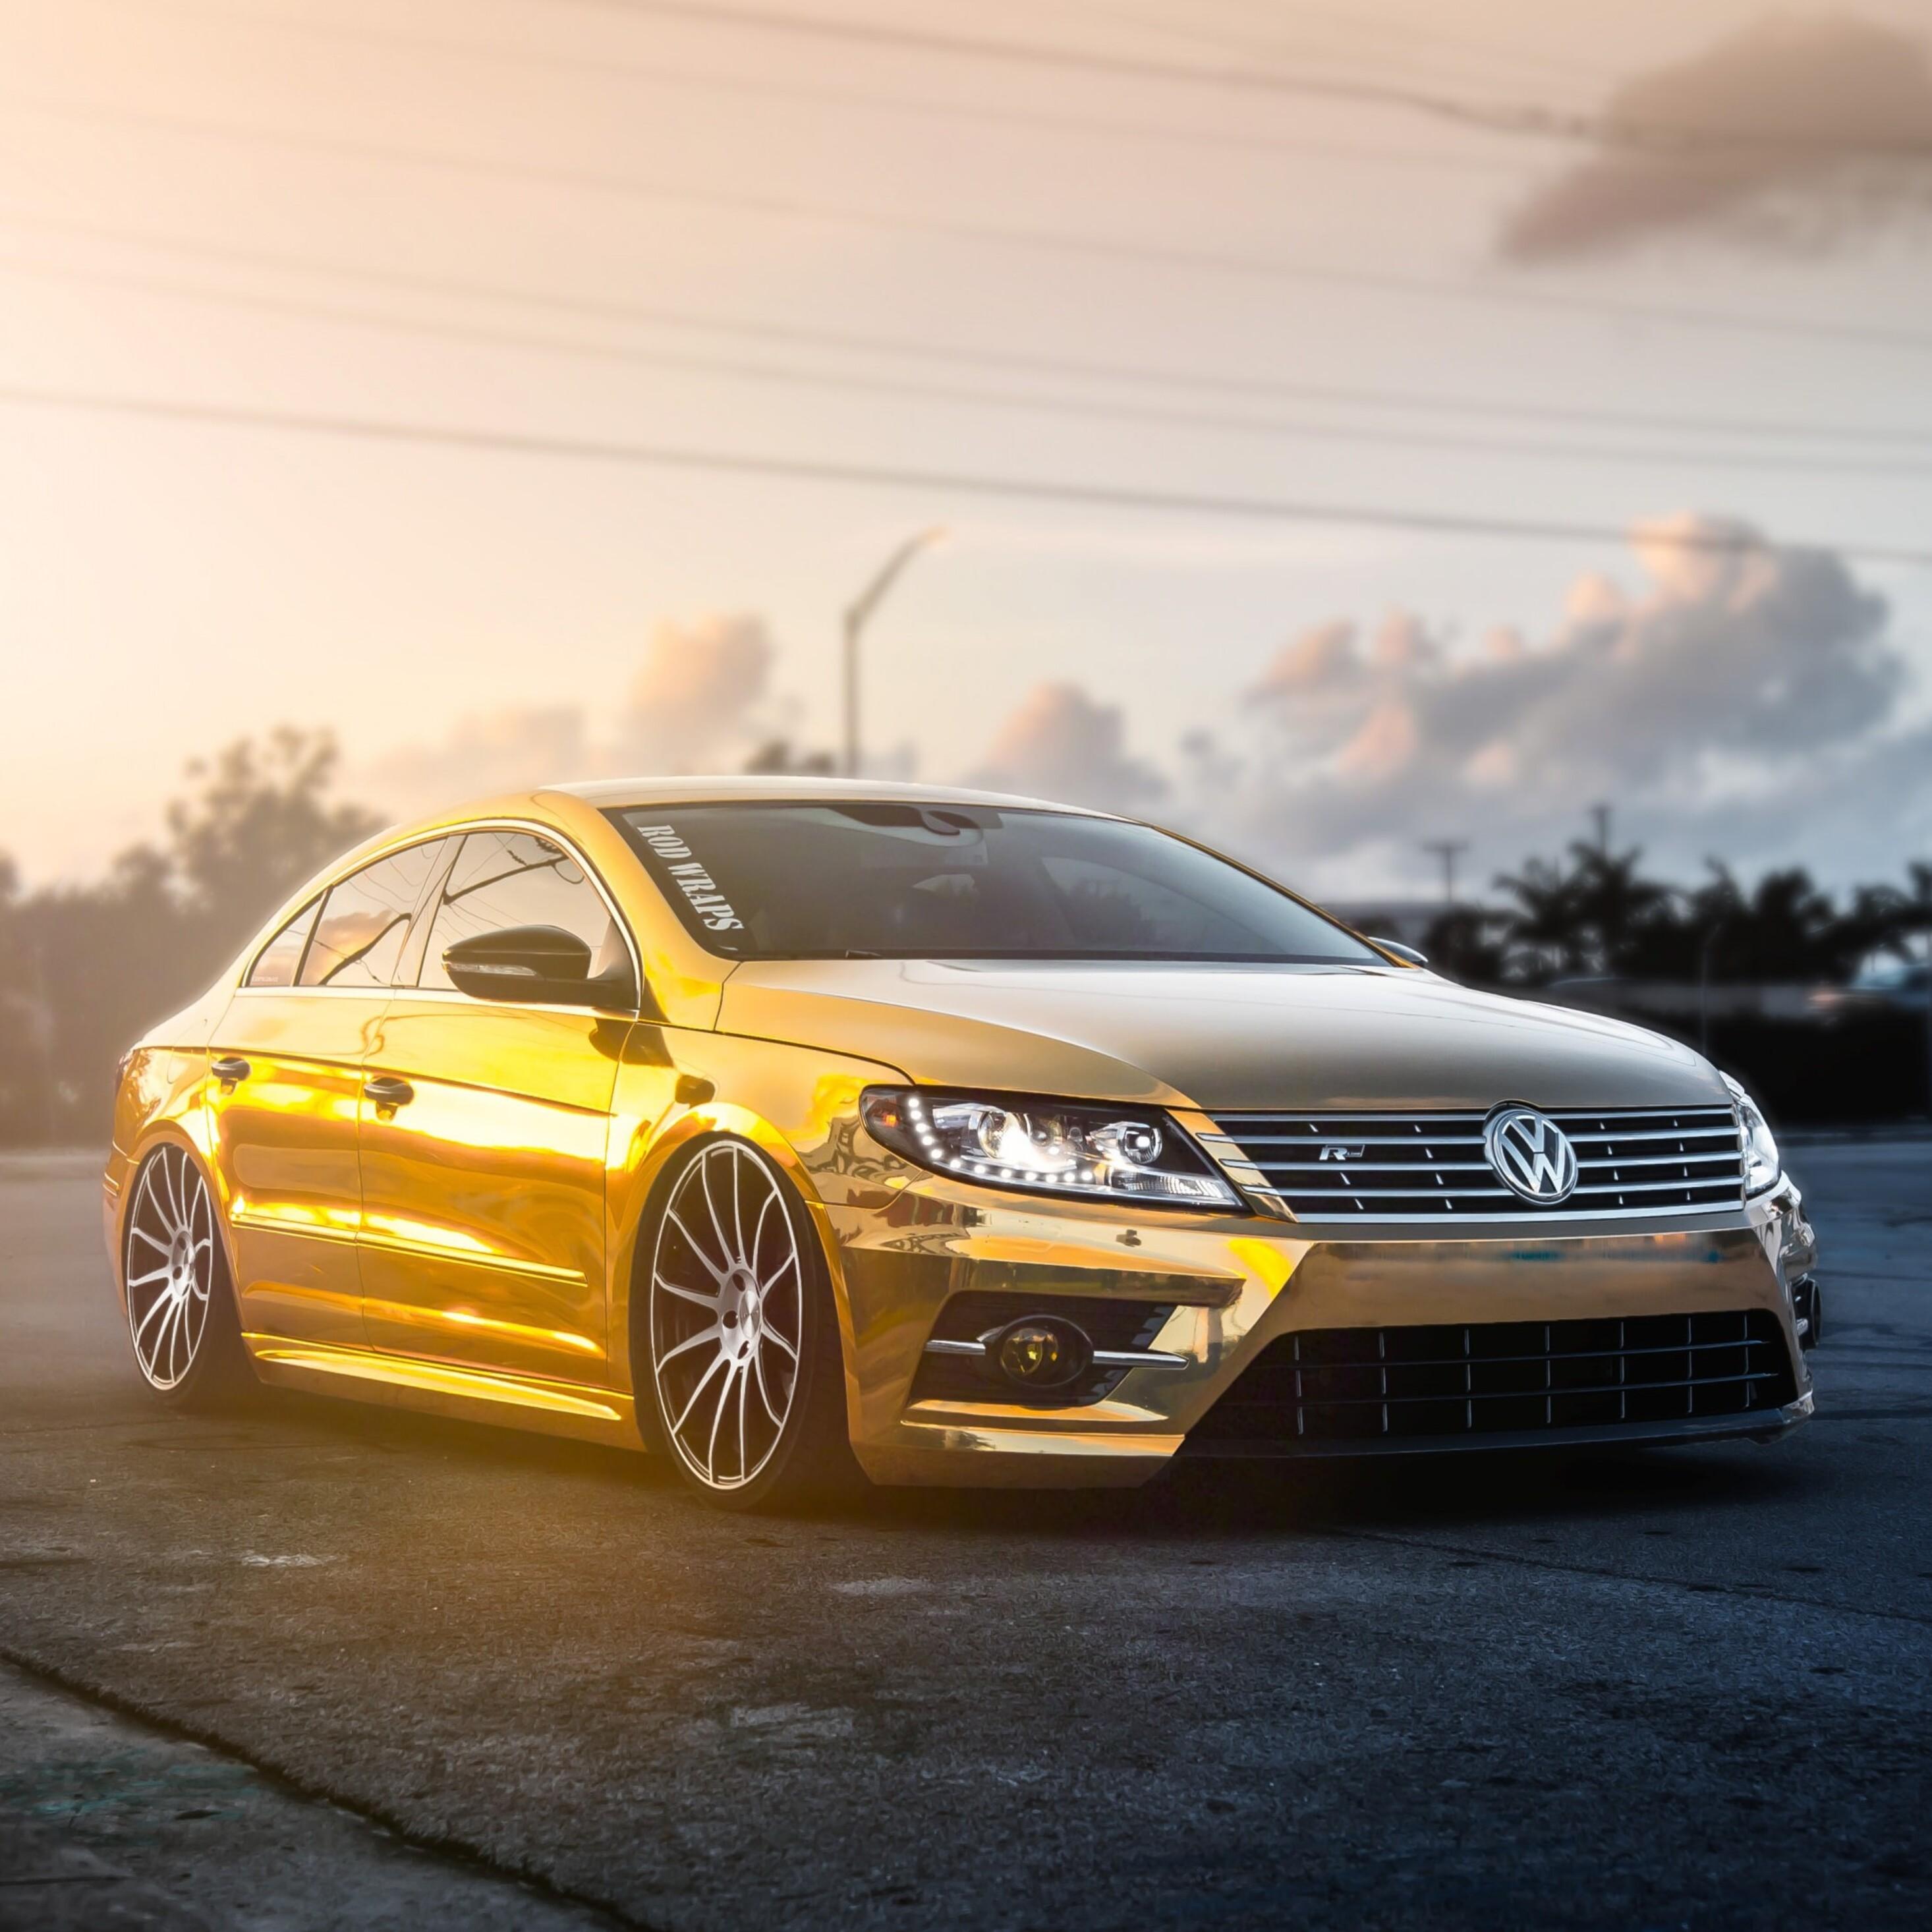 Volkswagen Car Wallpaper: 2932x2932 Golden Volkswagen Pasat Ipad Pro Retina Display